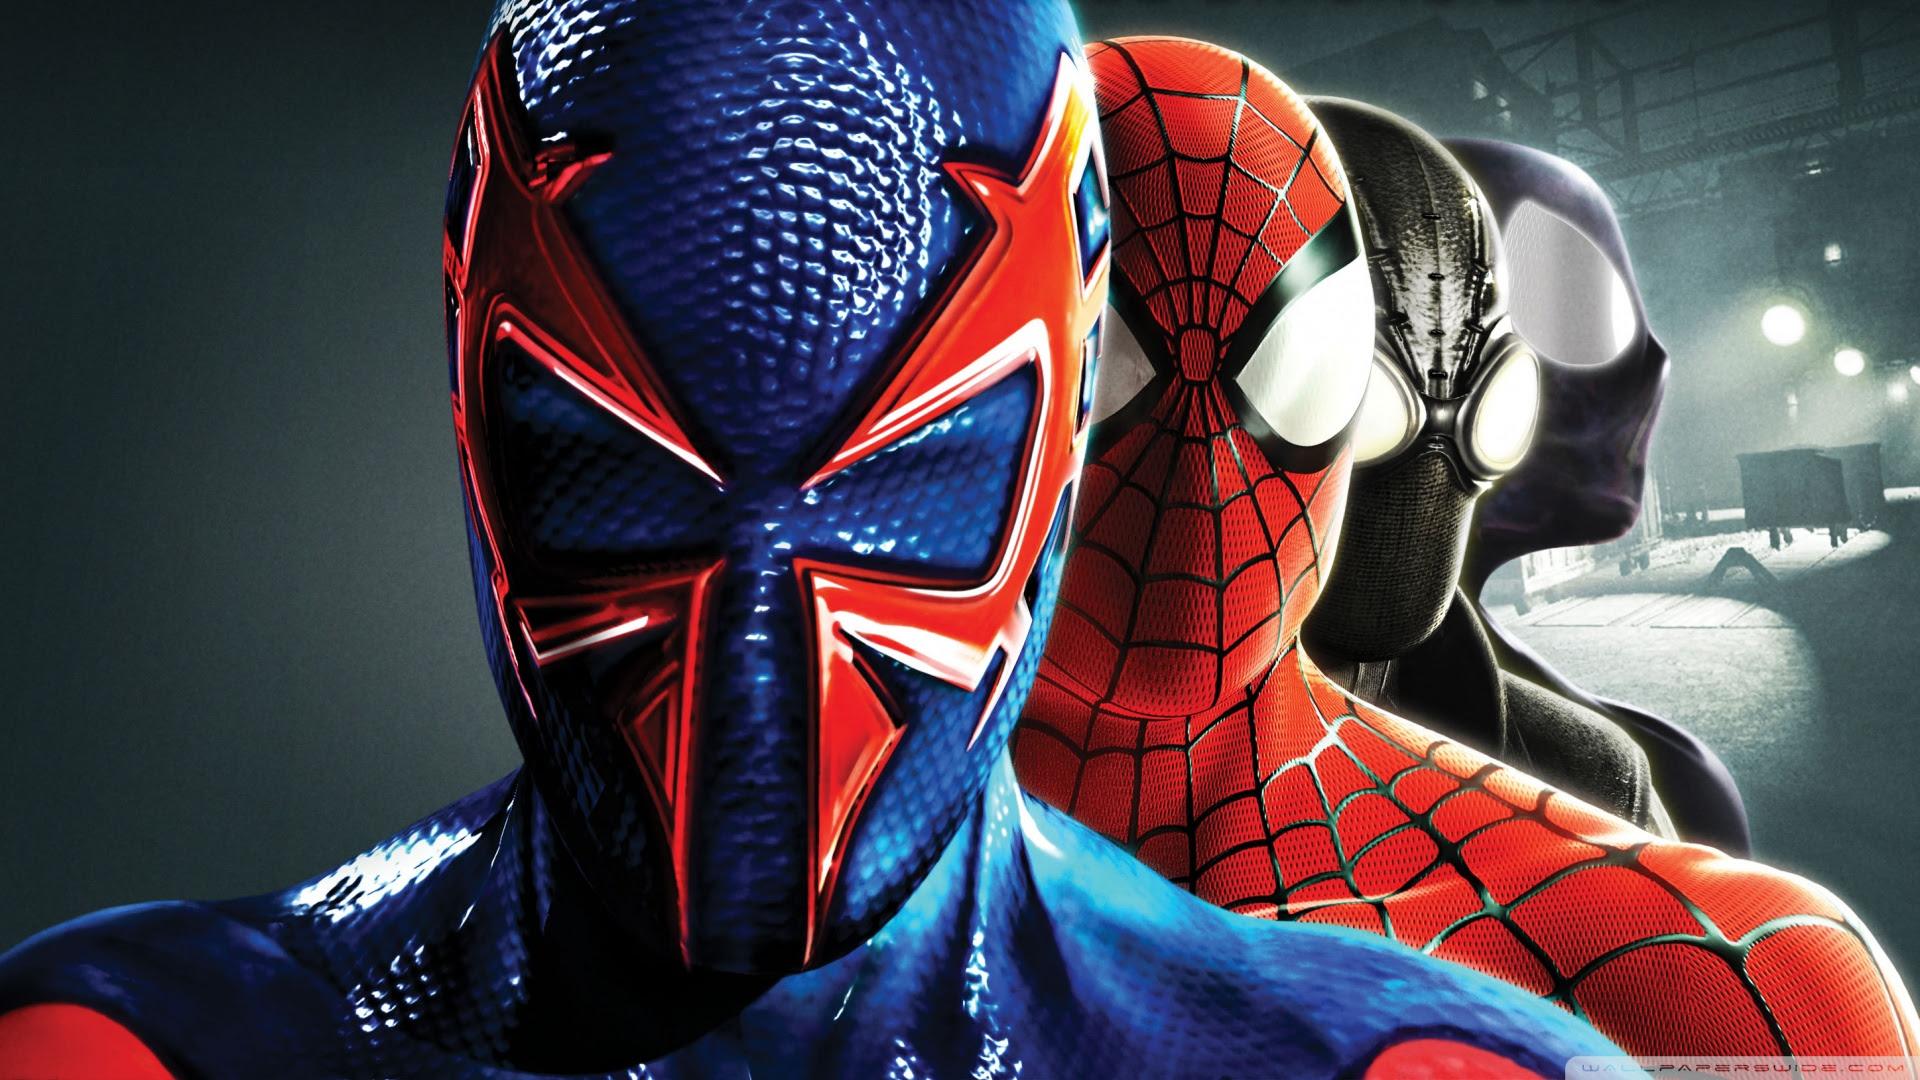 Spider Man Shattered Dimensions Ultra Hd Desktop Background